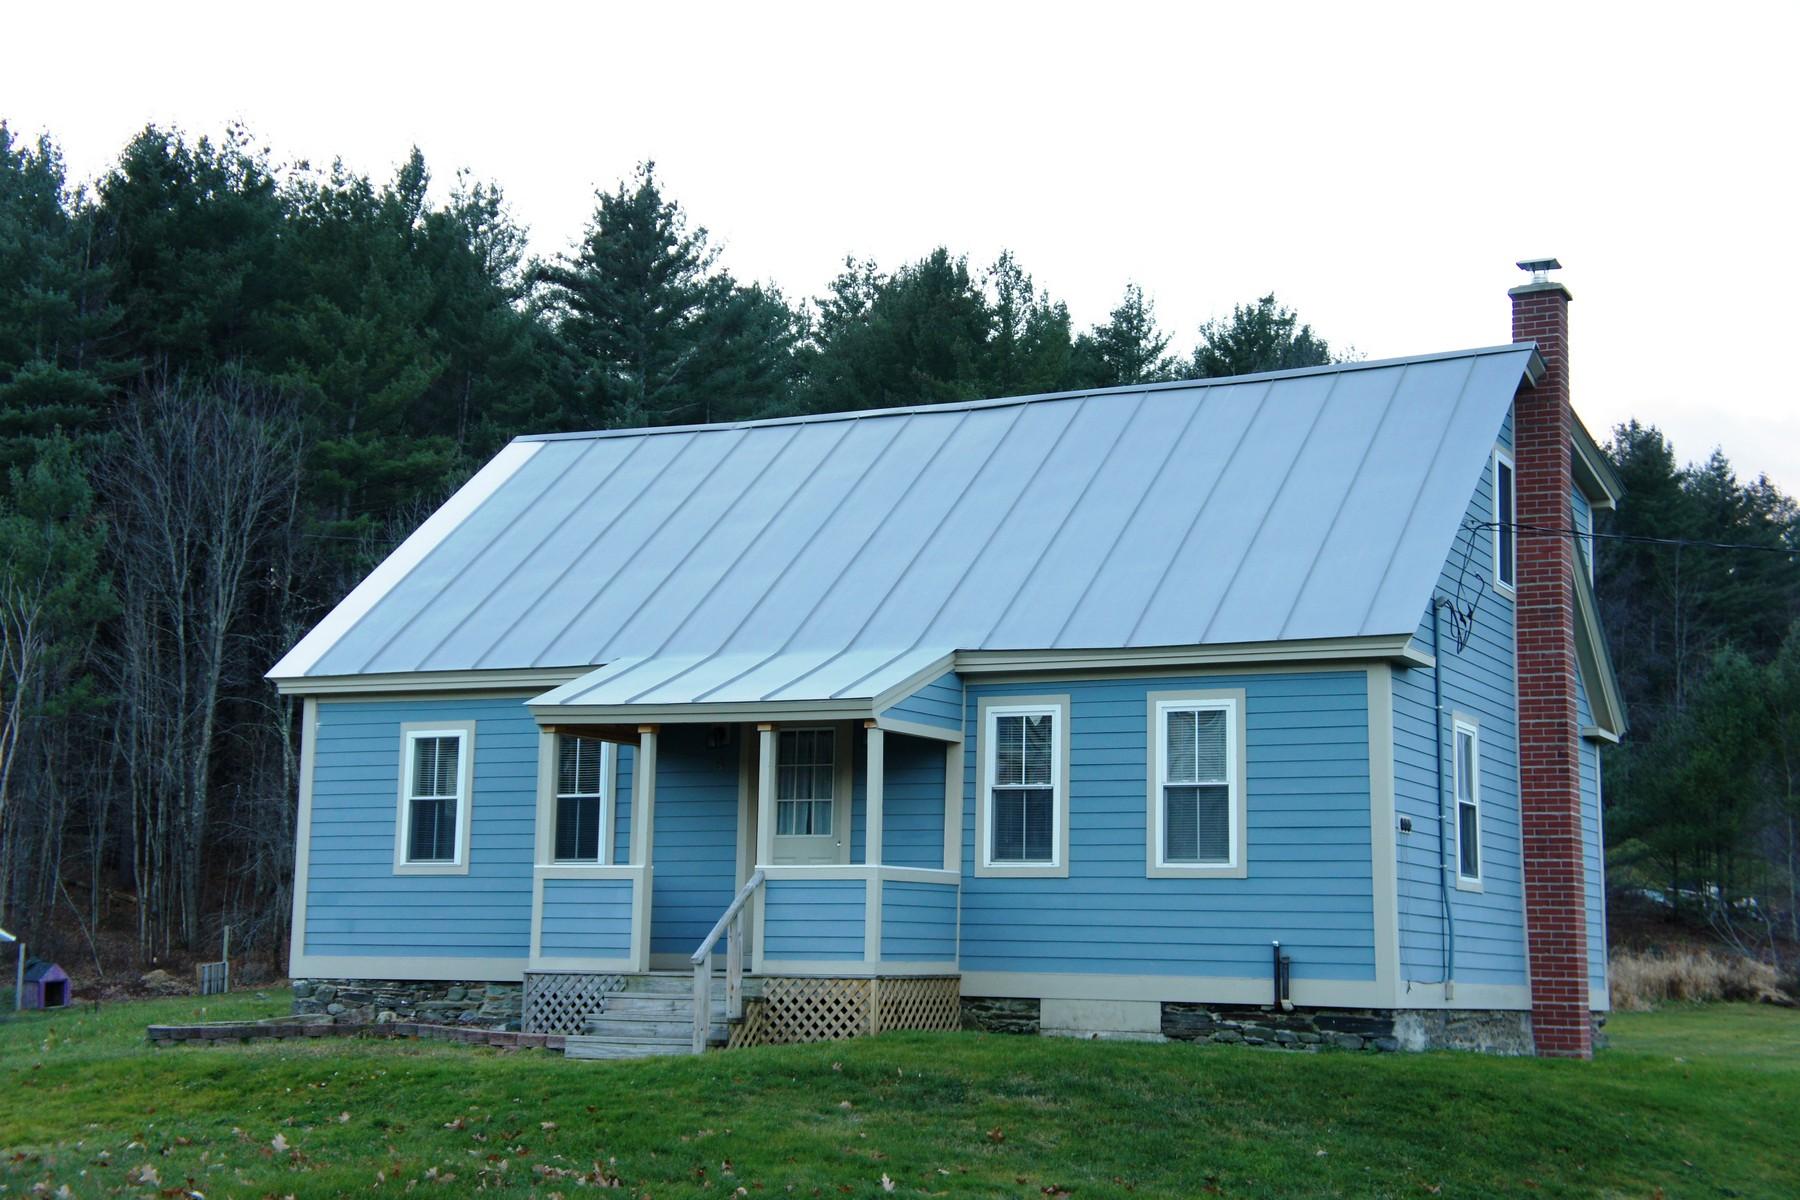 Maison unifamiliale pour l Vente à 5A Worcester Village Rd, Worcester Worcester, Vermont 05682 États-Unis